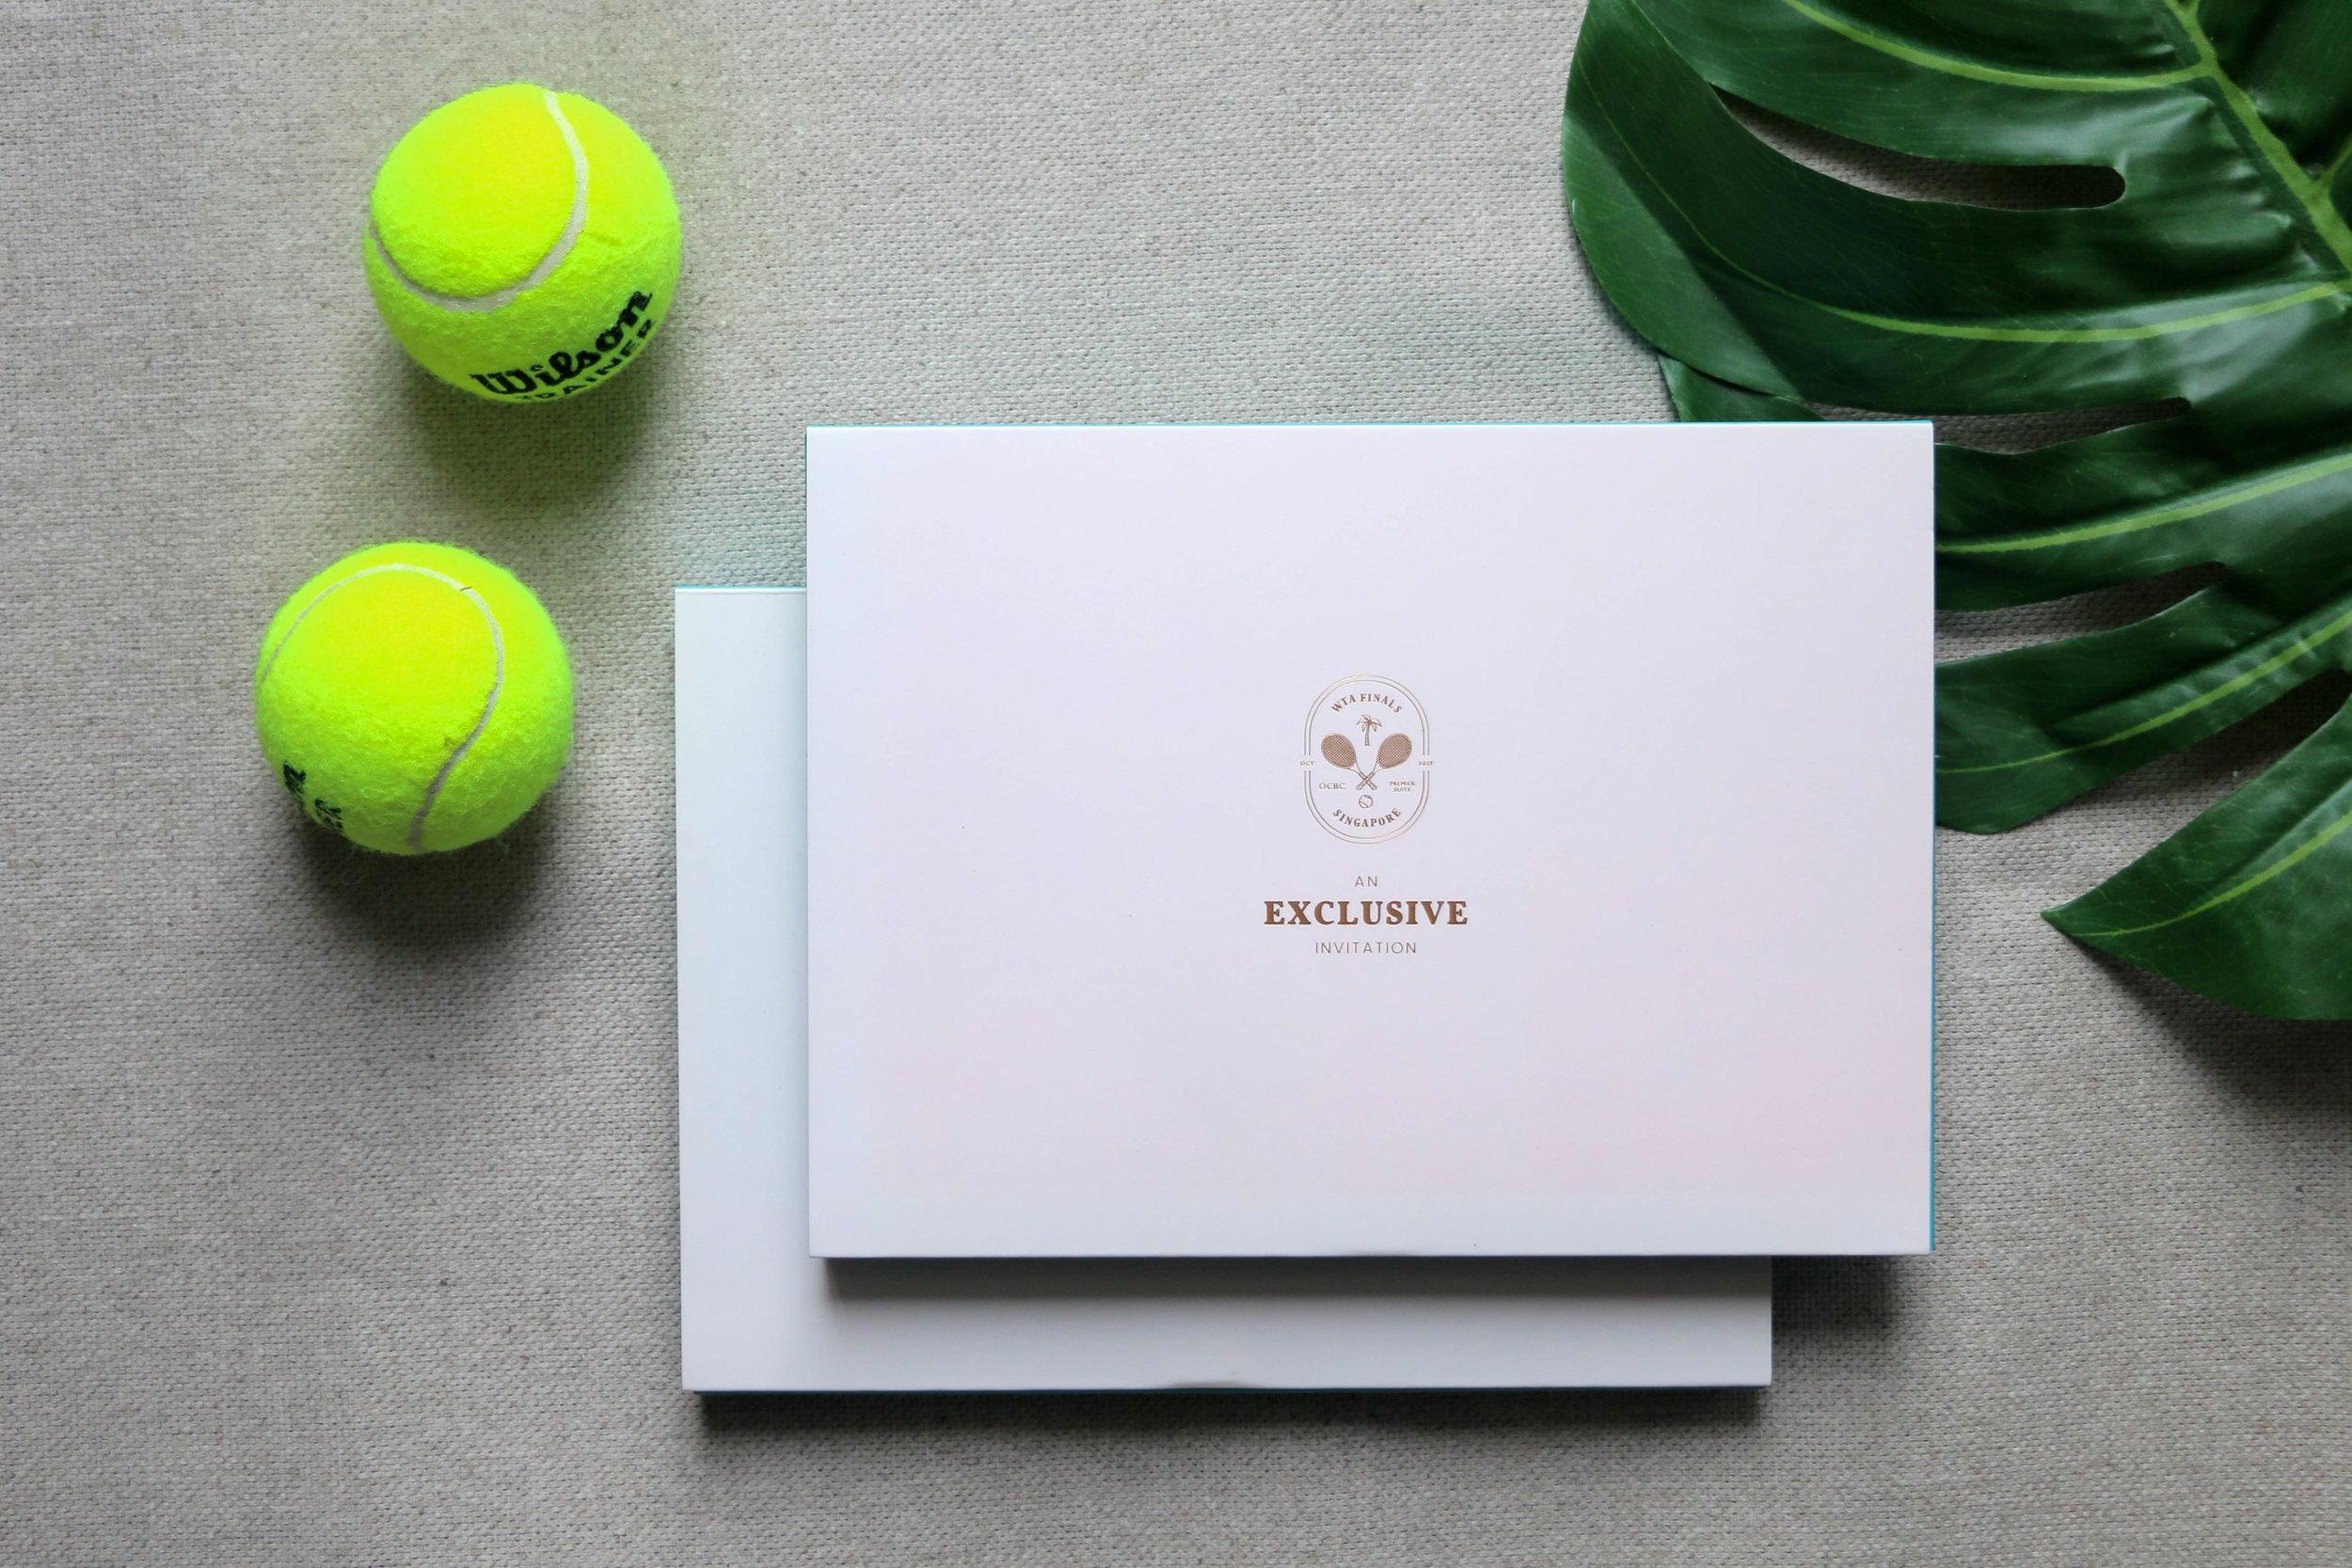 WTA FINALS SINGAPORE OCBC PREMIER SUITE